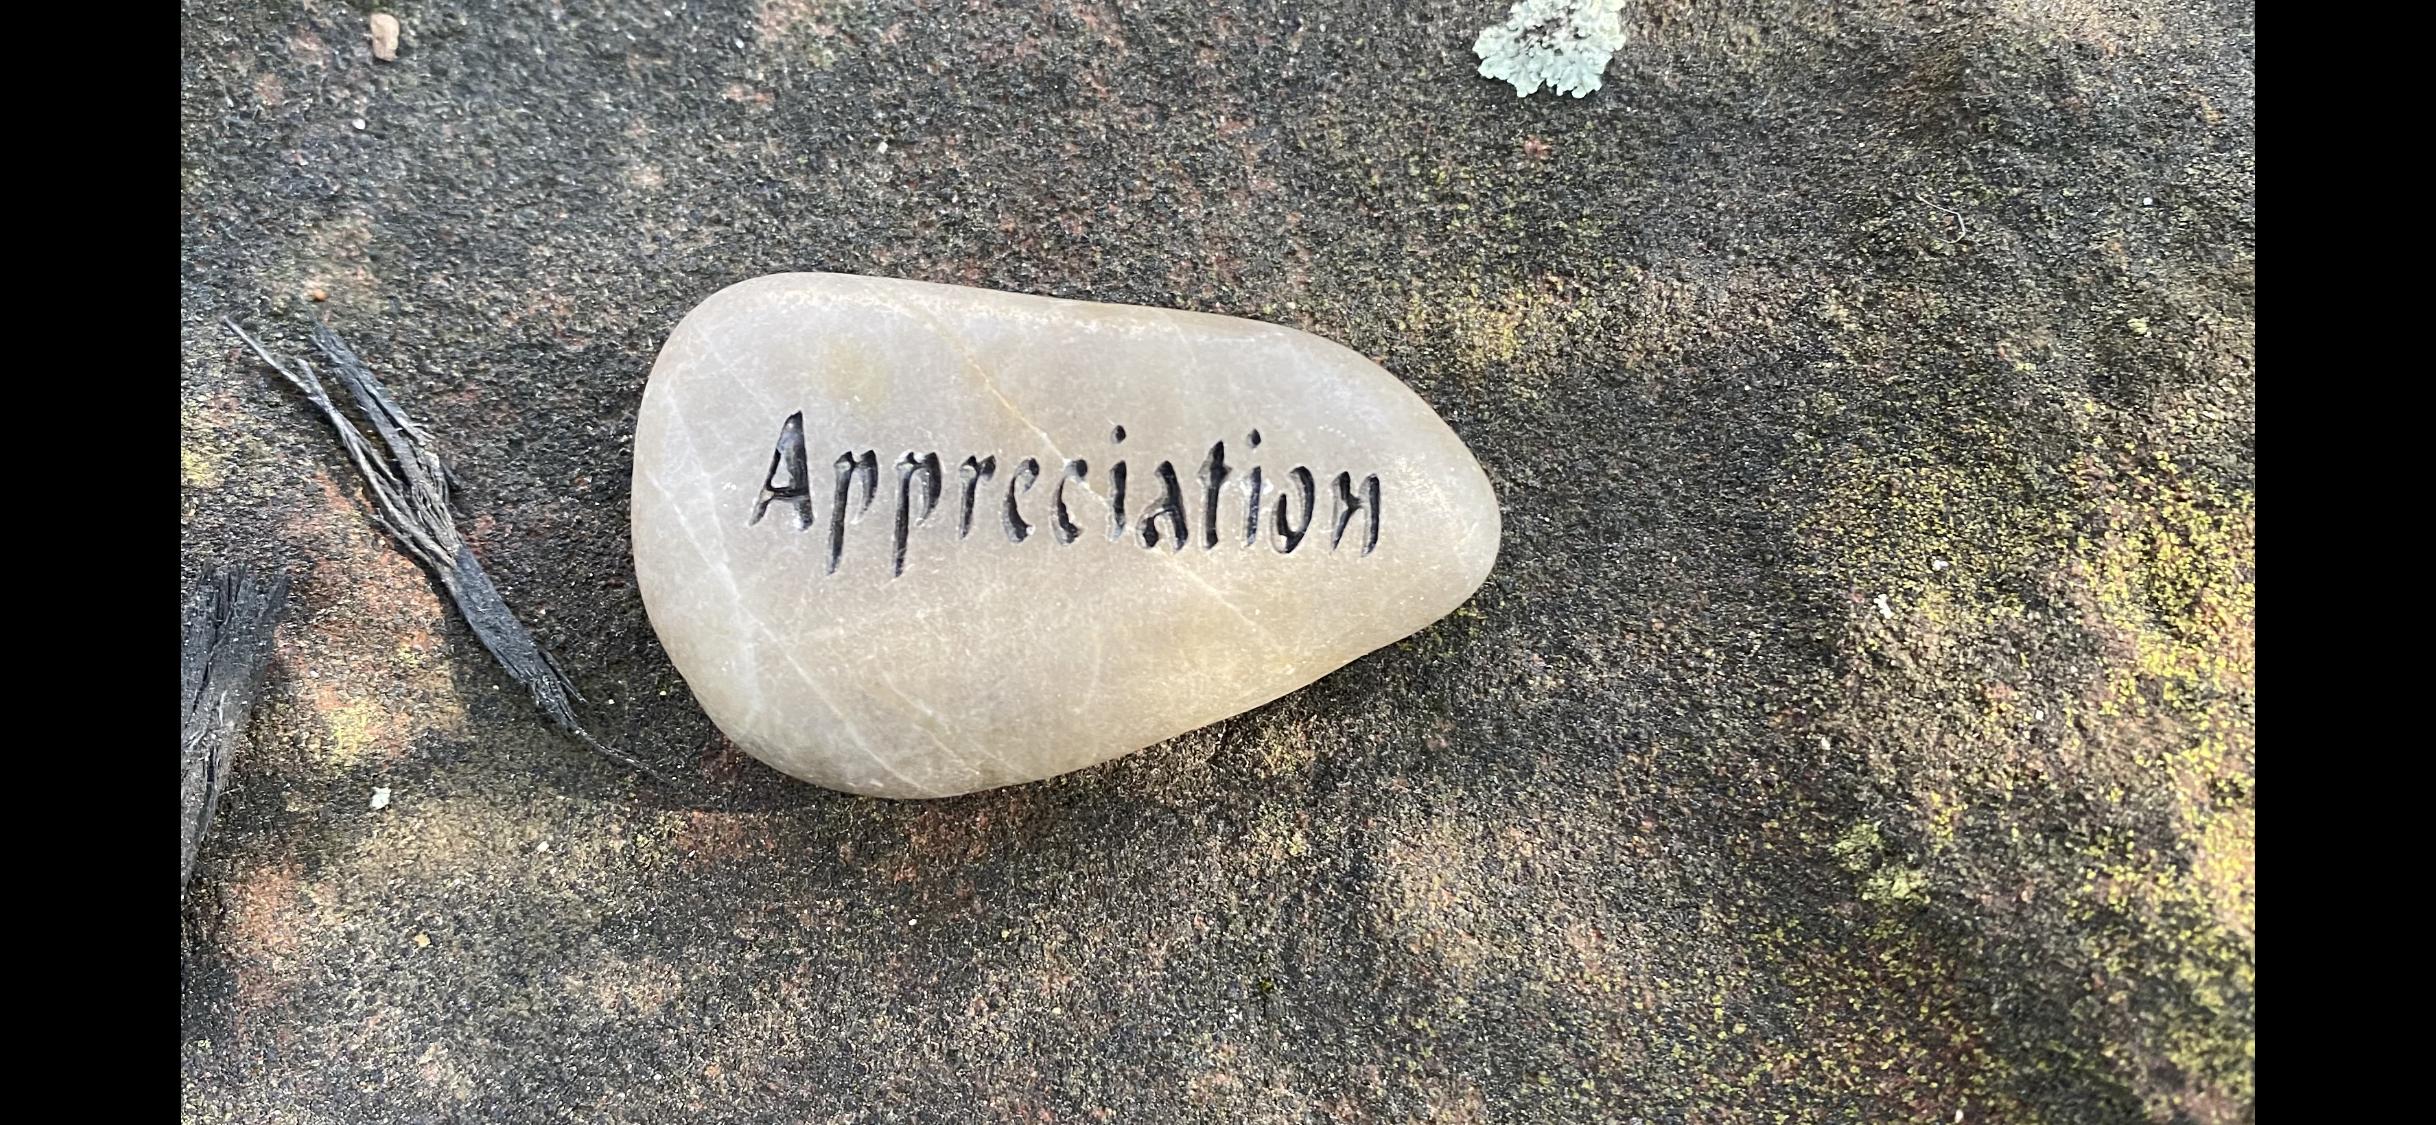 5-5 appreciation photo